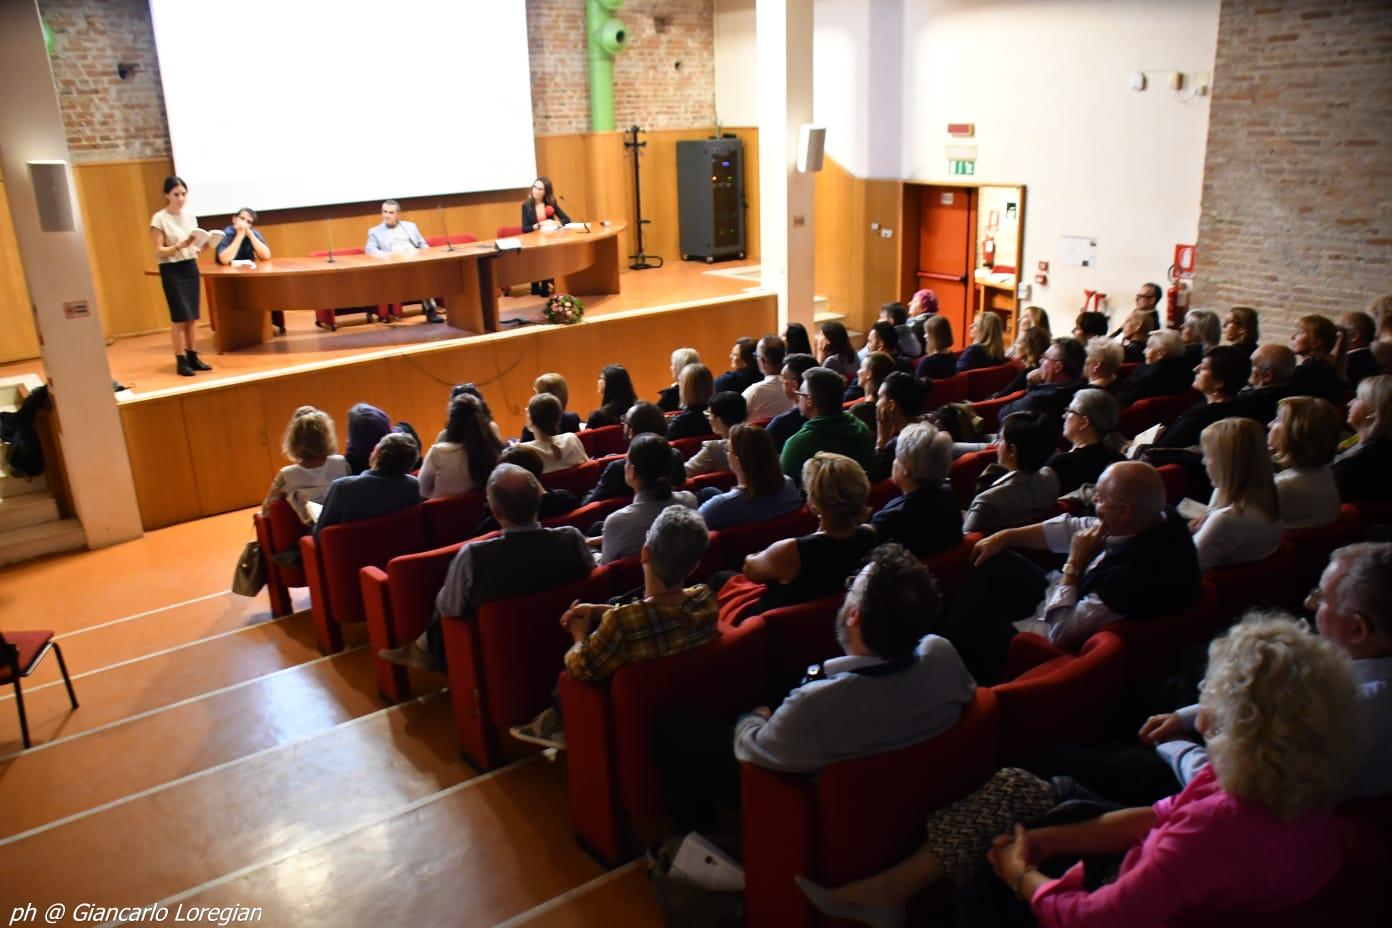 """Presentazione """"Alla scoperta dell'area 51"""" a Cittadella: com'è andata?"""